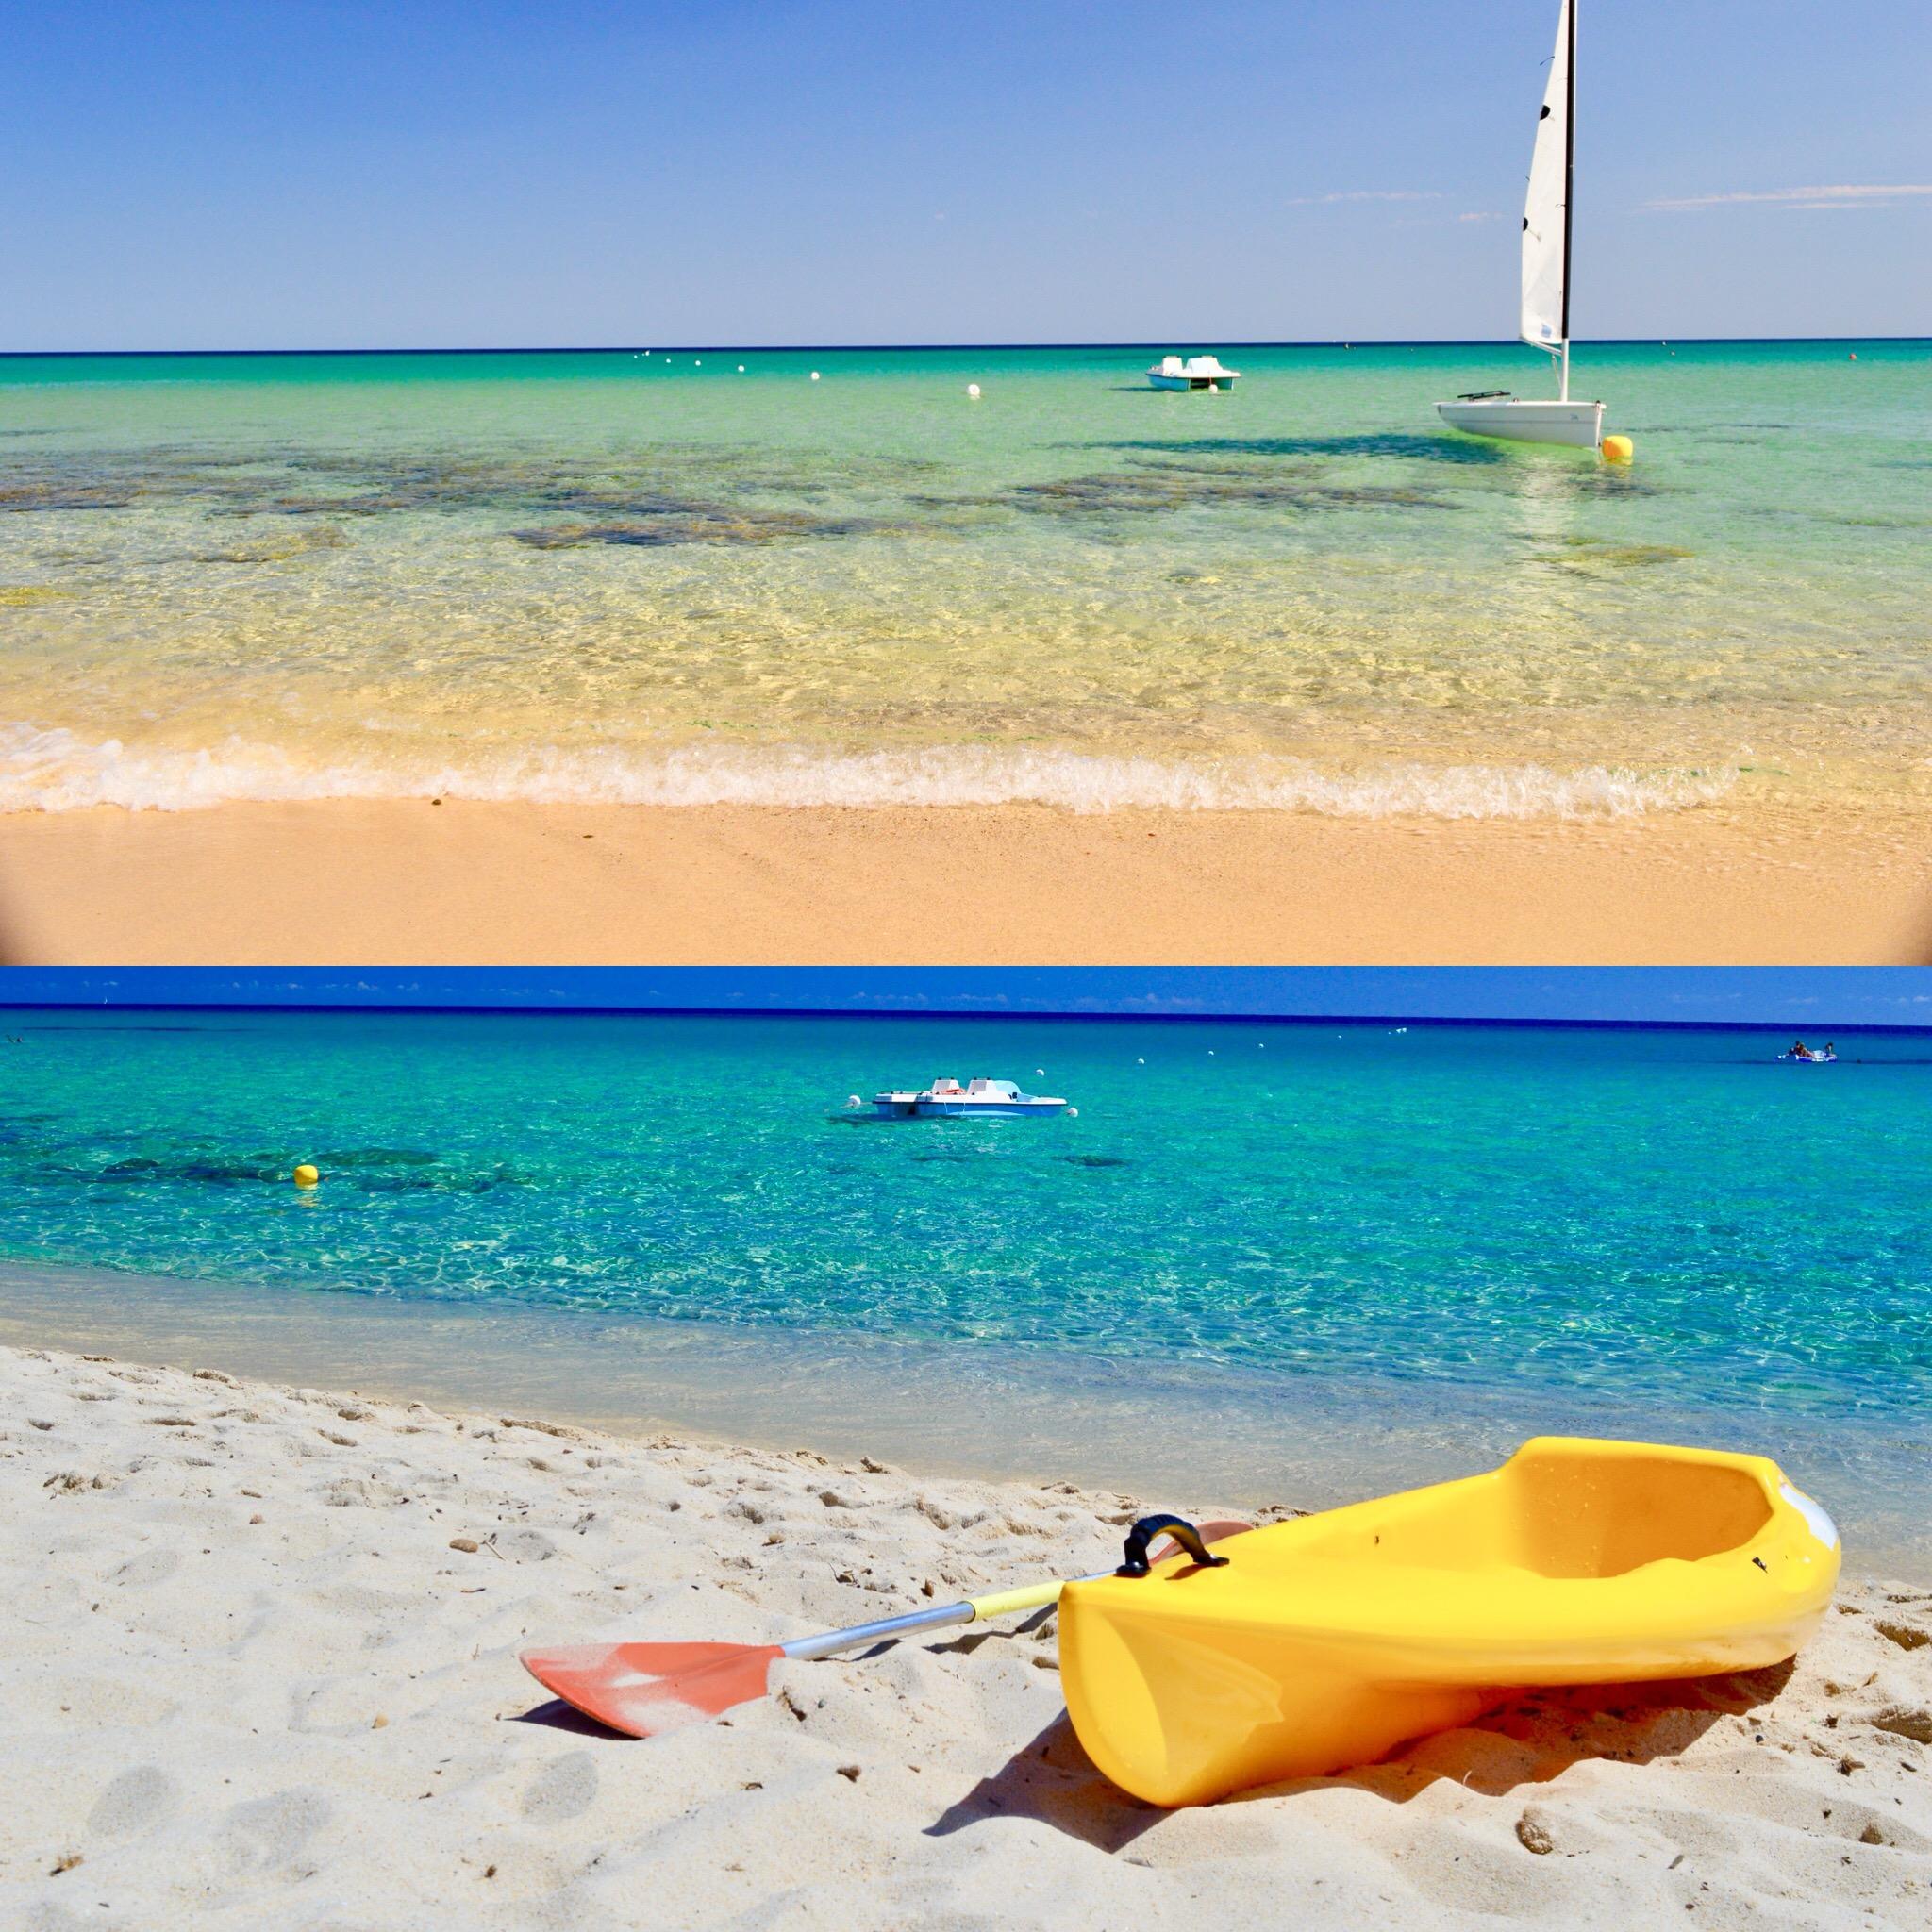 Vacanza in Sardegna - Villaggio Turistico a Costa Rei